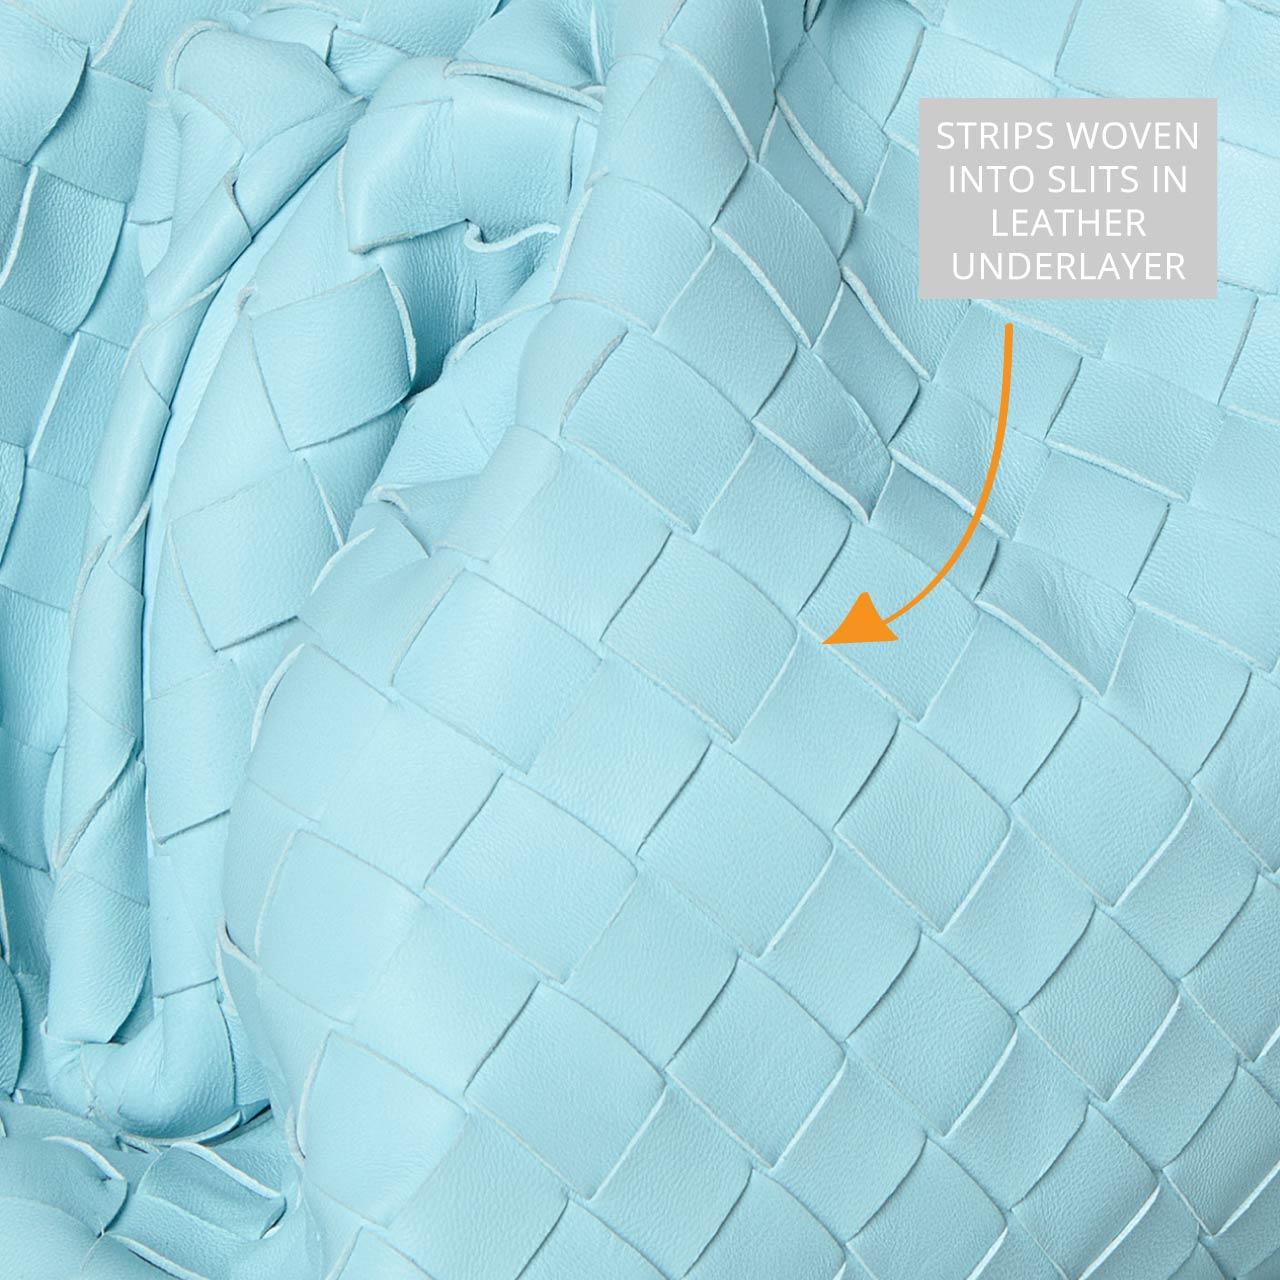 Bottega Veneta Intrecciato Weave | The Cutting Class. Detailed view of smaller Intrecciato weave in Topazio.